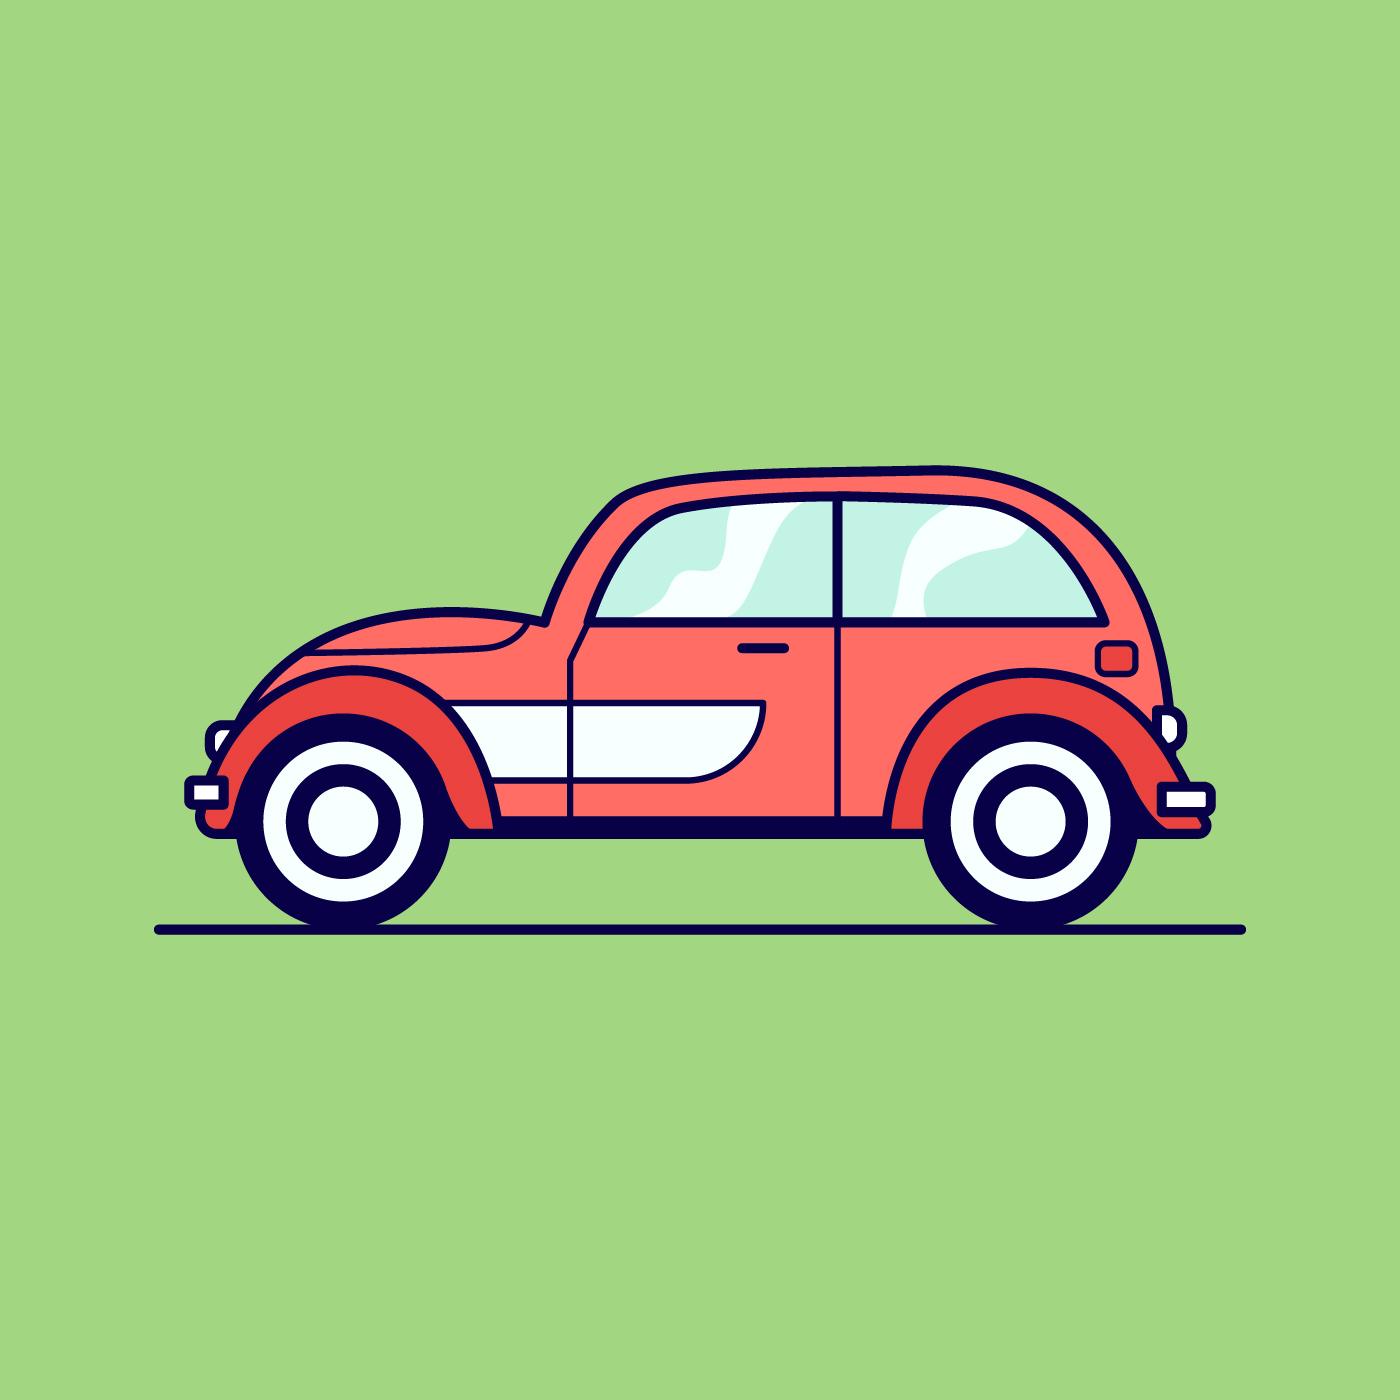 Retro car illustration - Download Free Vectors, Clipart Graphics & Vector  Art